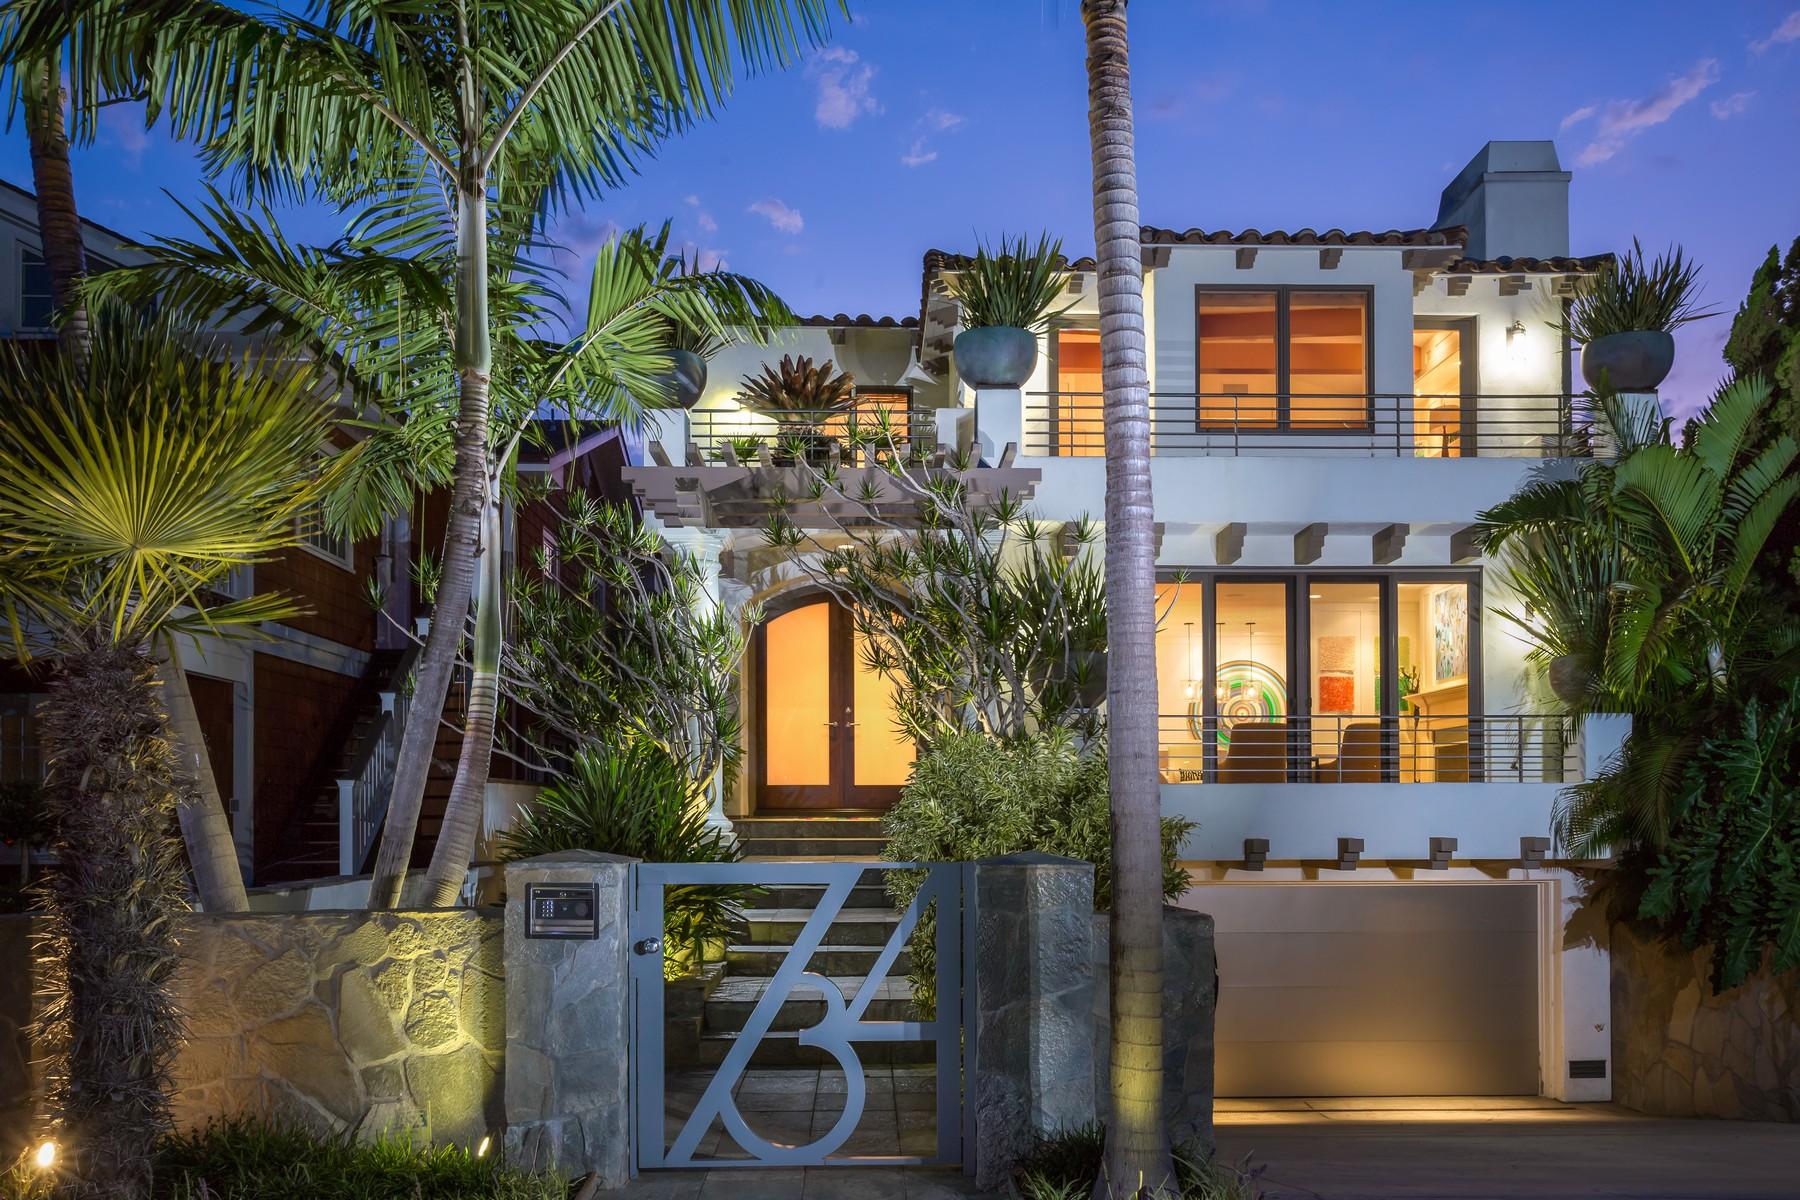 Частный односемейный дом для того Продажа на 734 Glorietta Boulevard Coronado, Калифорния 92118 Соединенные Штаты